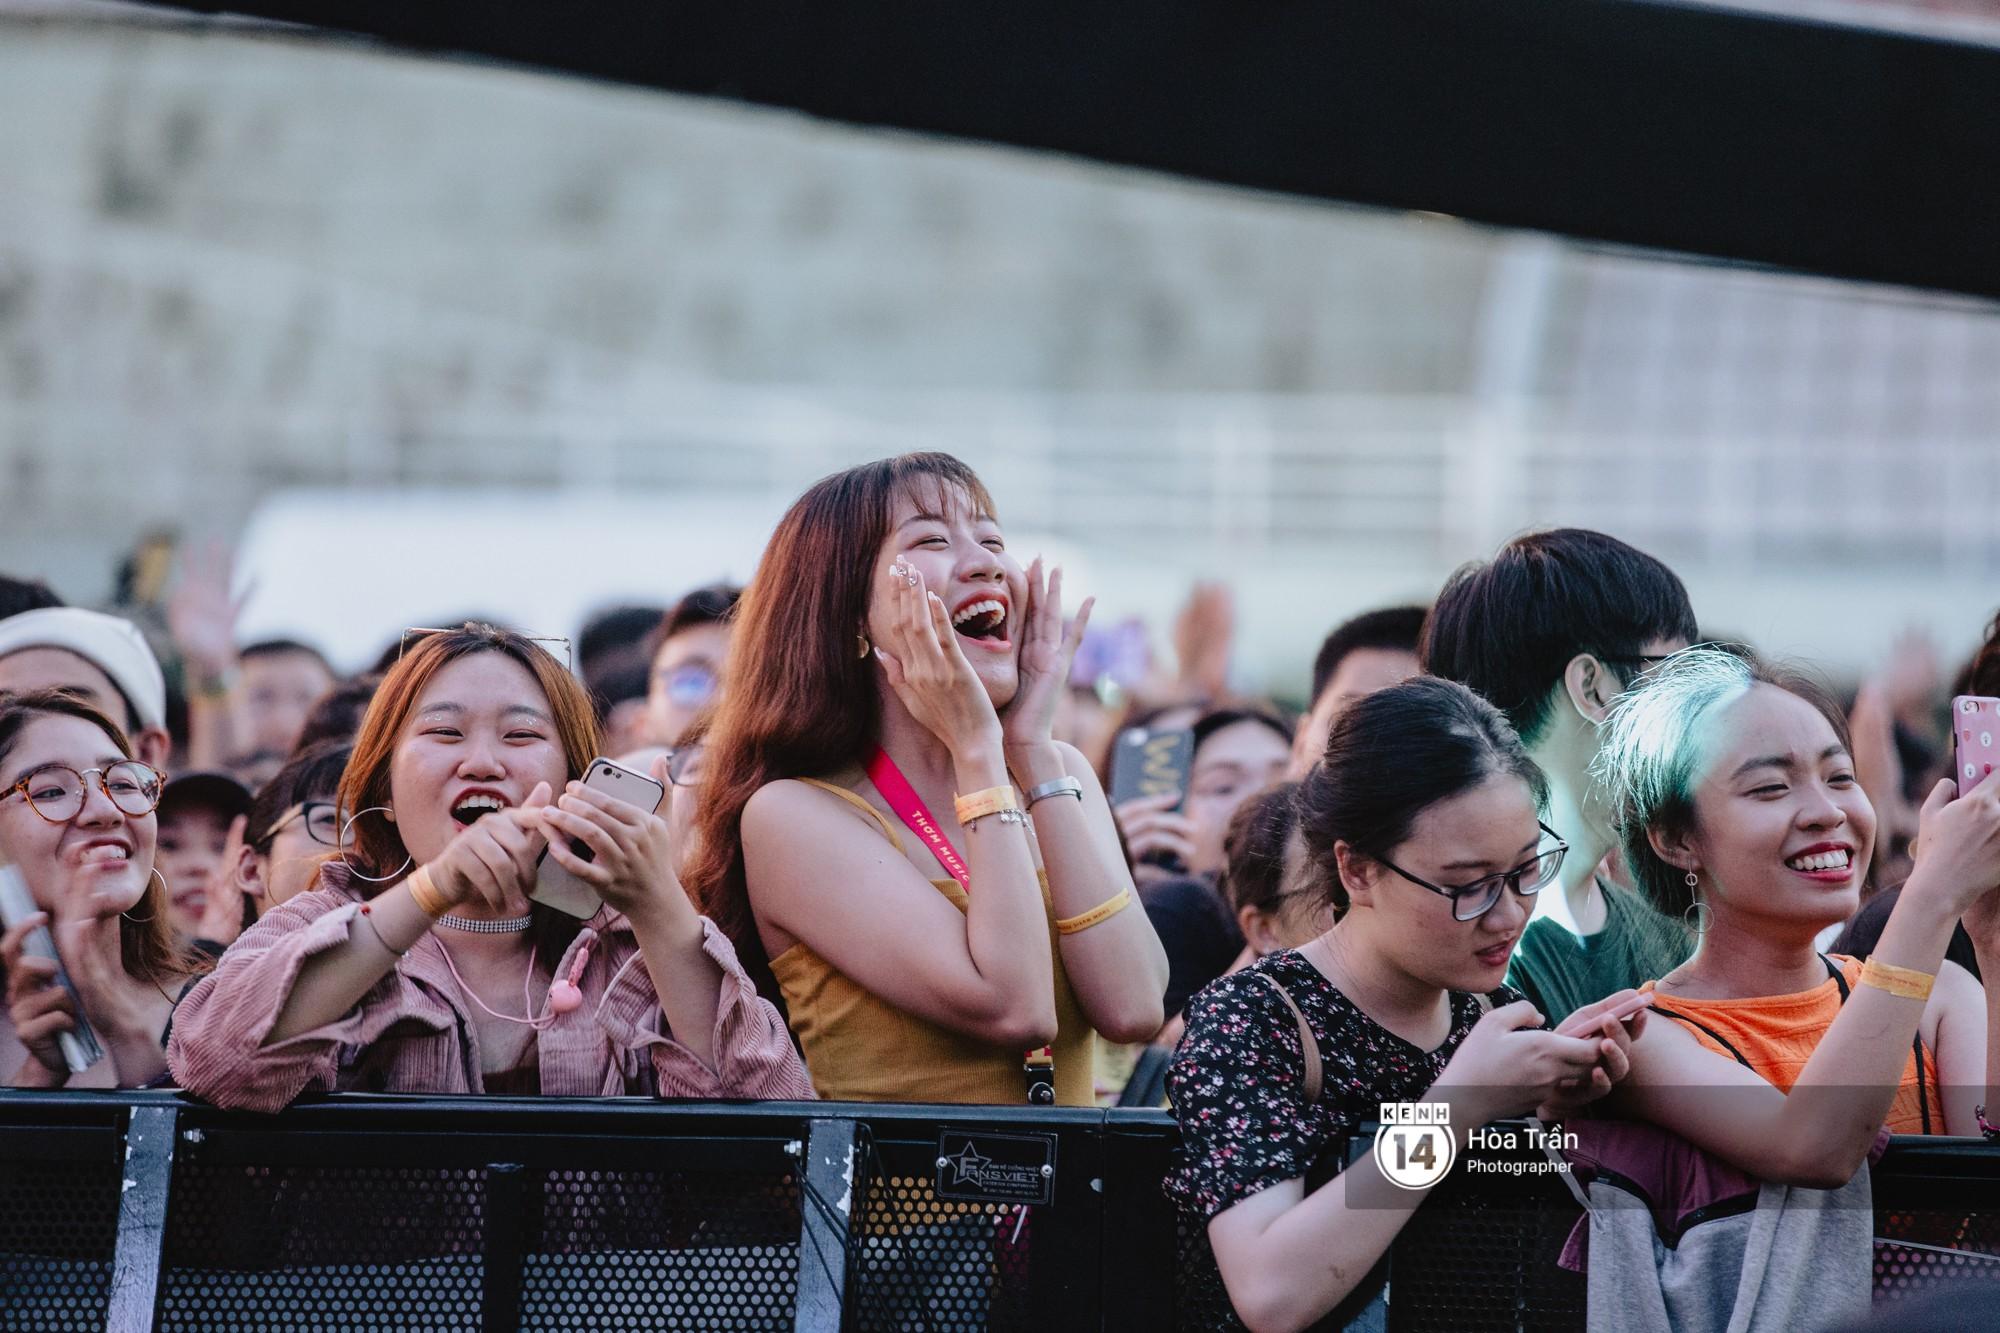 Giới trẻ Sài Gòn cùng loạt nghệ sĩ đình đám như Vũ, Đen Vâu, Suboi hoà mình vào bữa tiệc âm nhạc hoành tráng tại Thơm Music Festival - Ảnh 8.